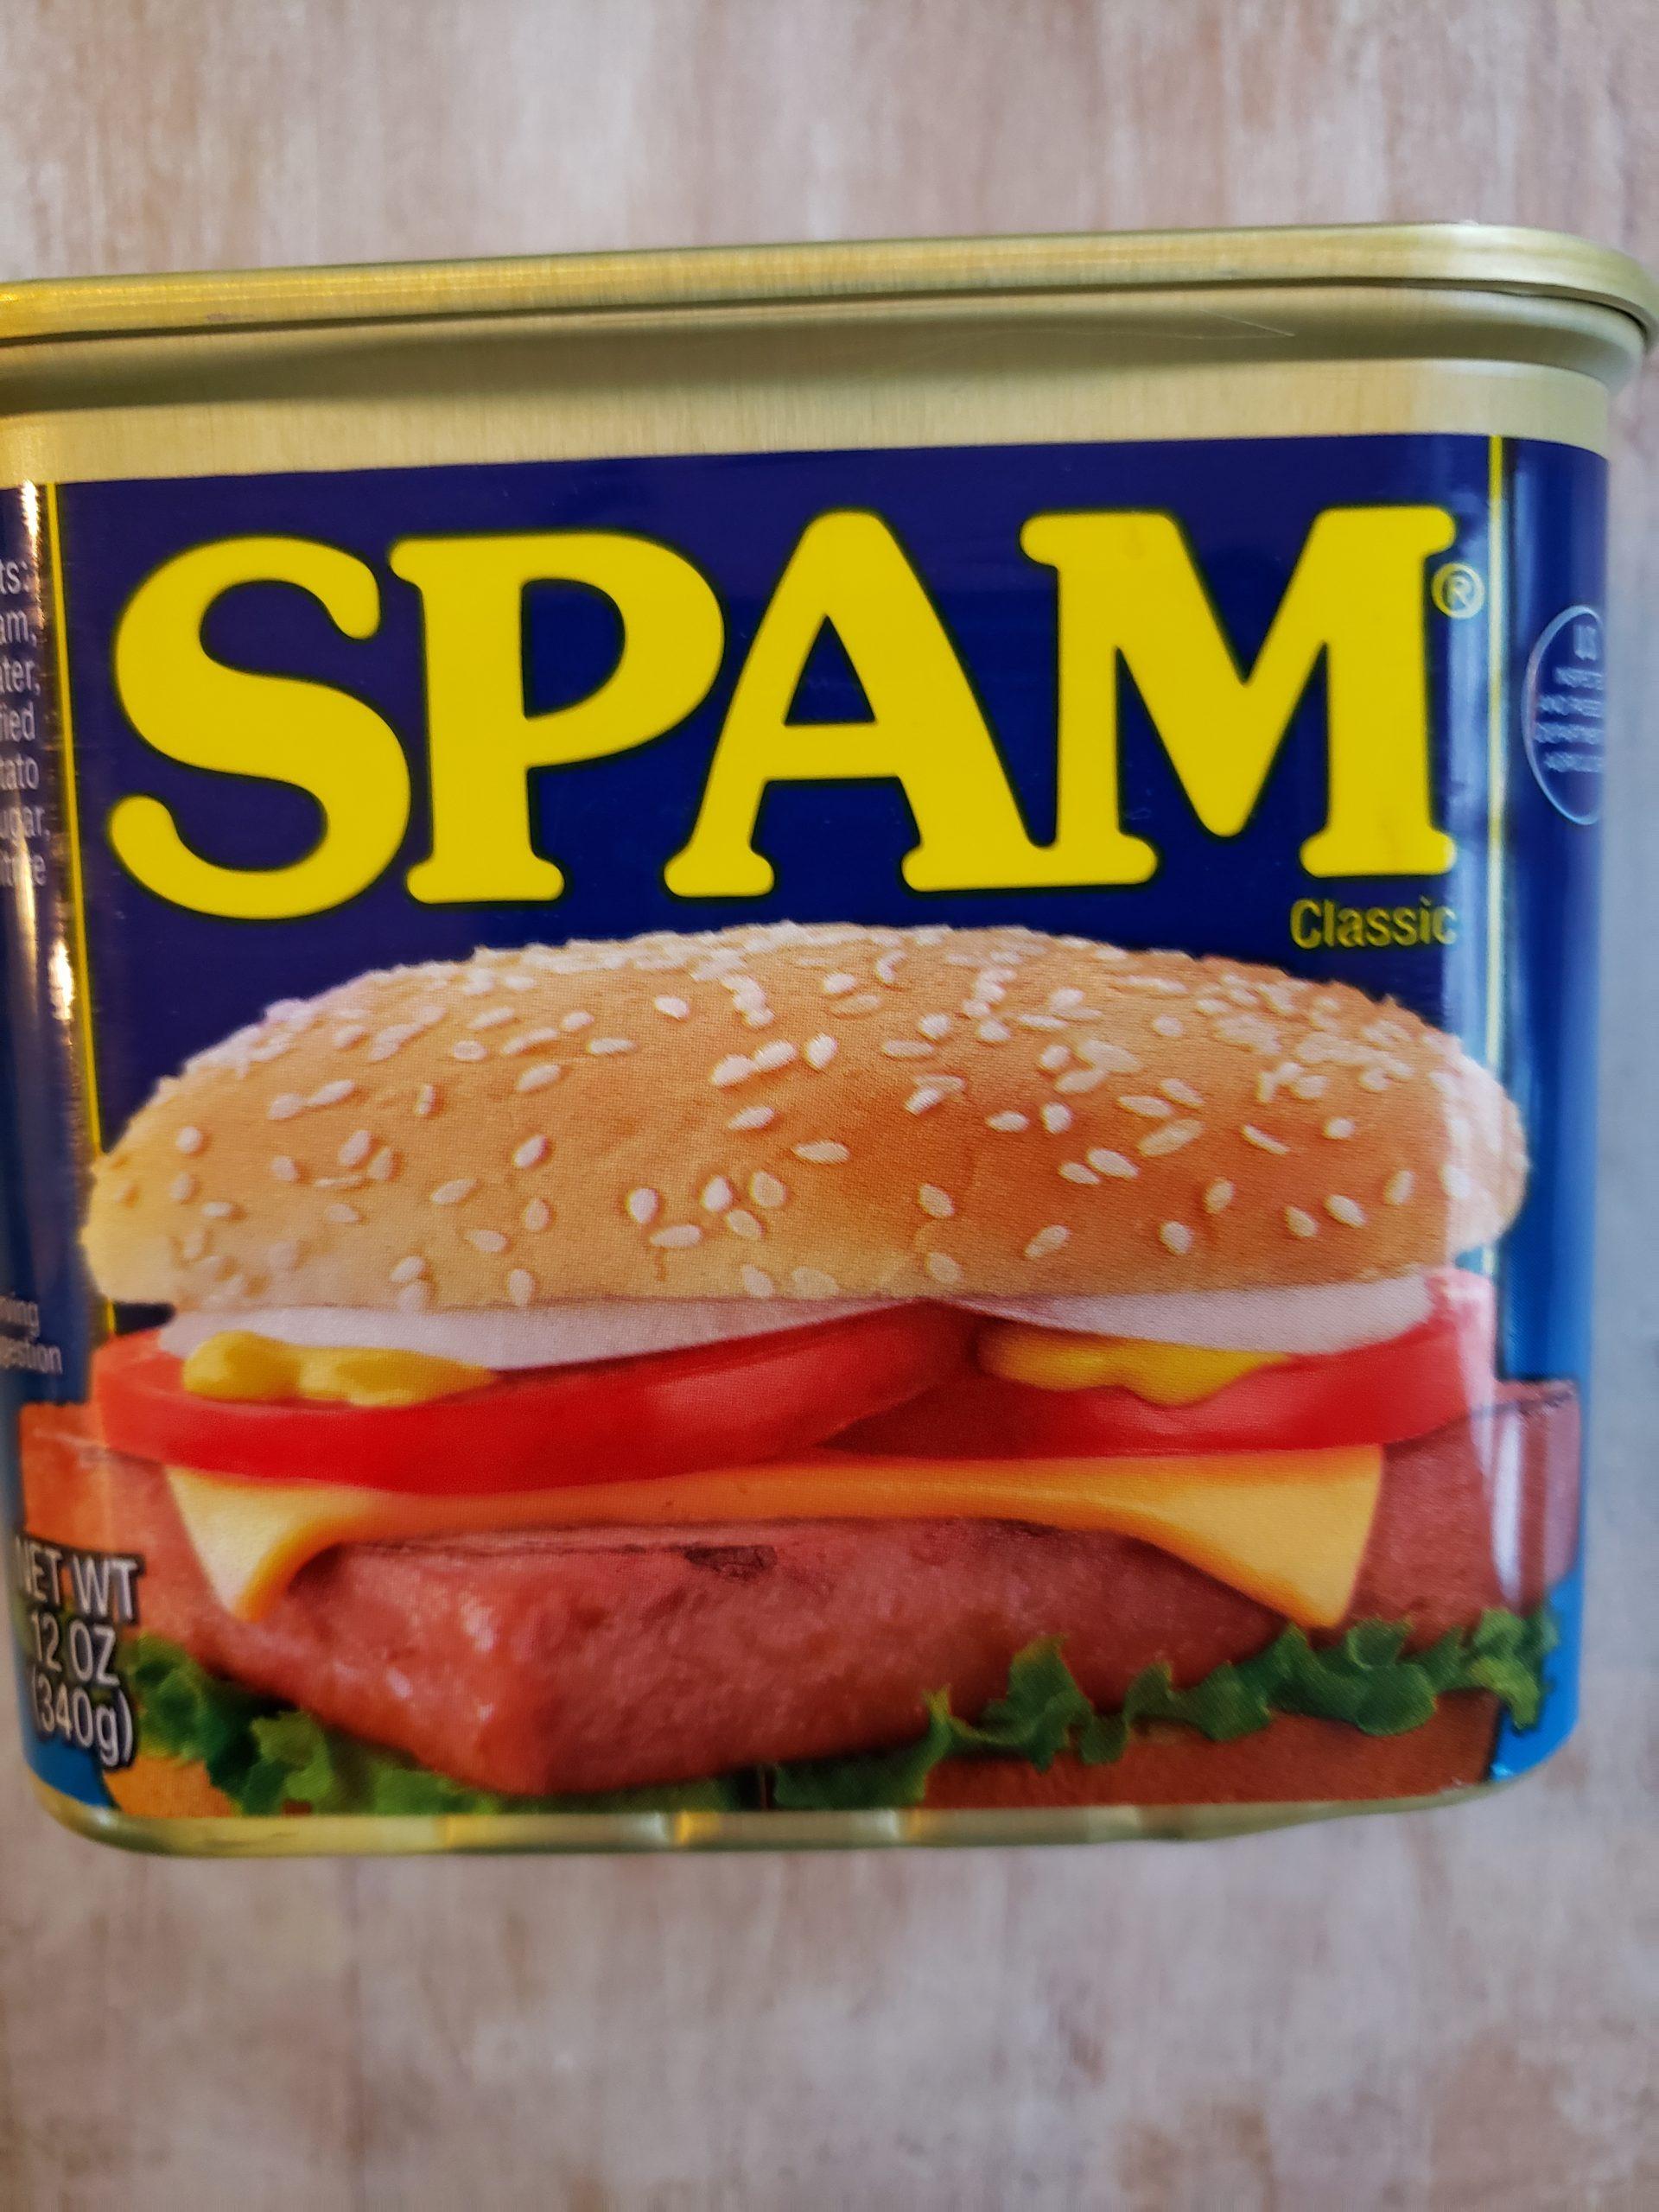 Spam Classic